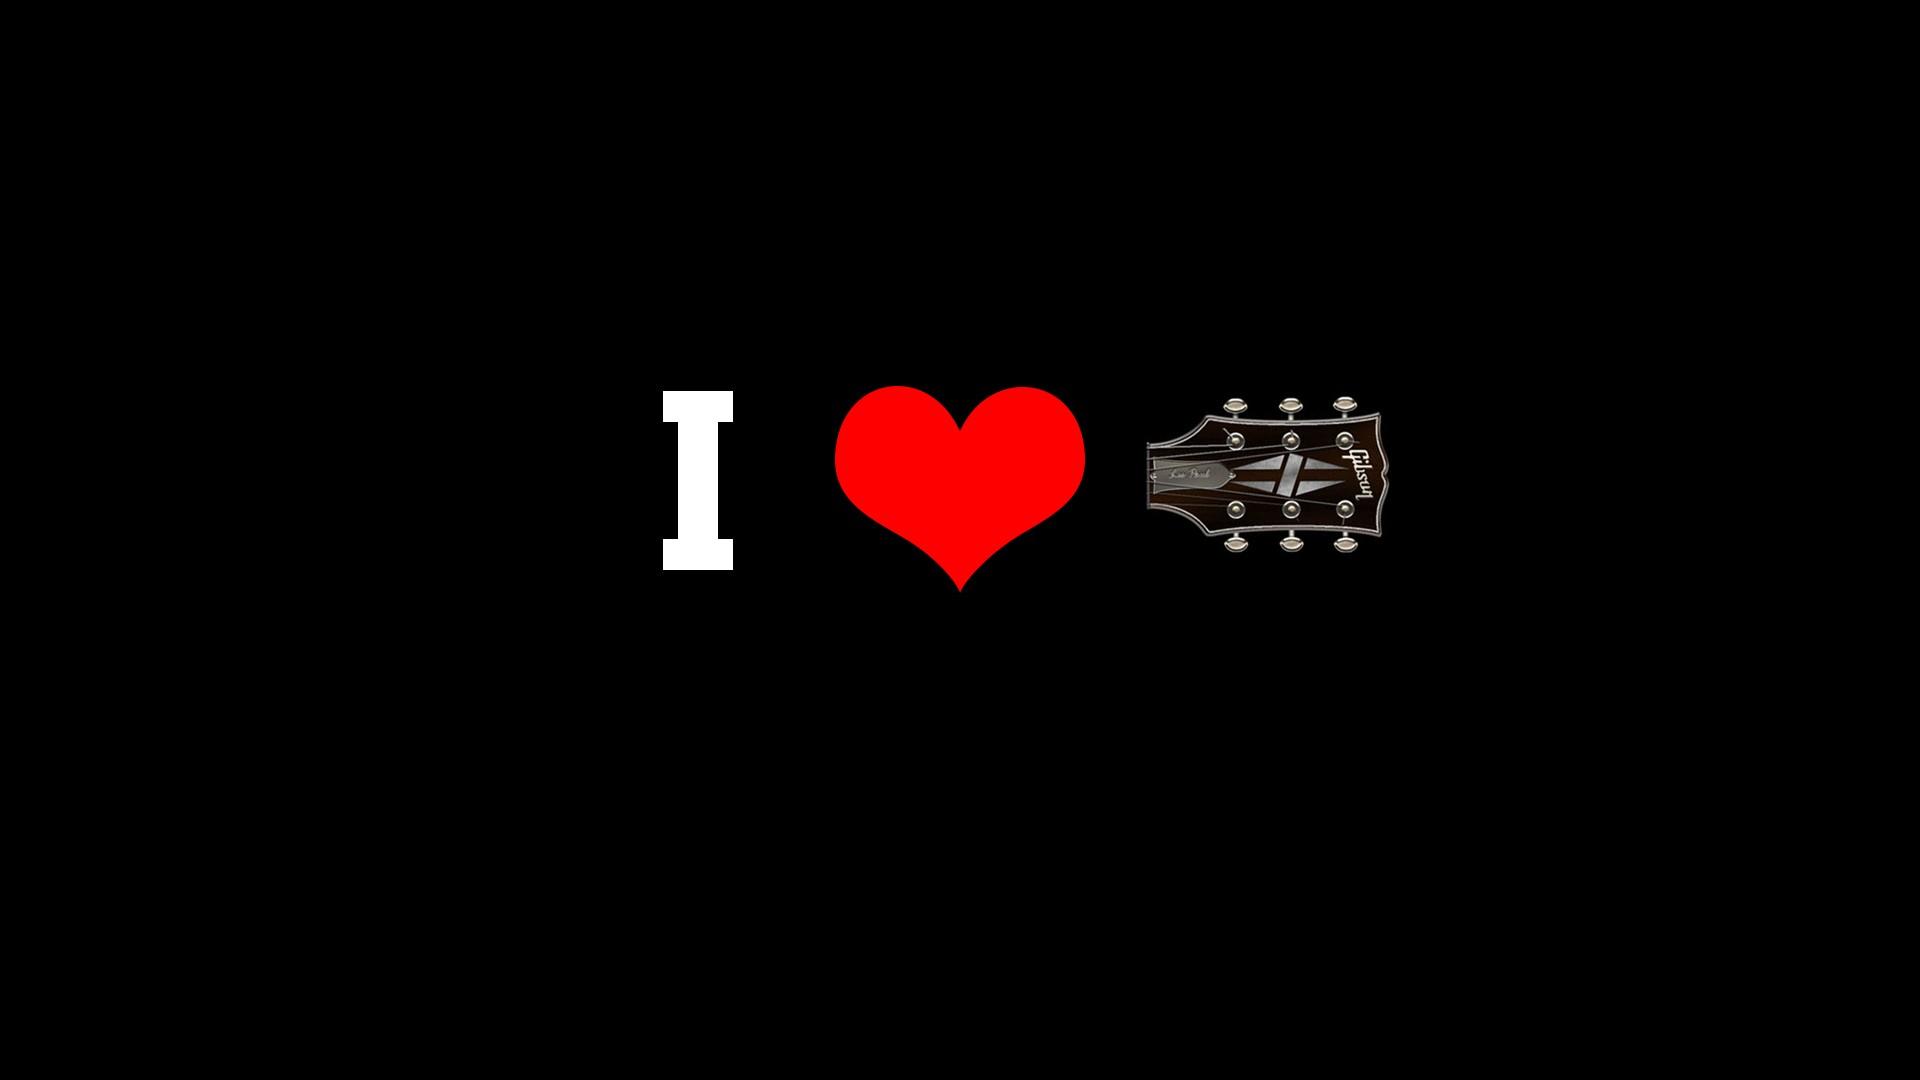 Love Gibson Gibson Les Paul Wallpaper 1920x1080 213388 Wallpaperup